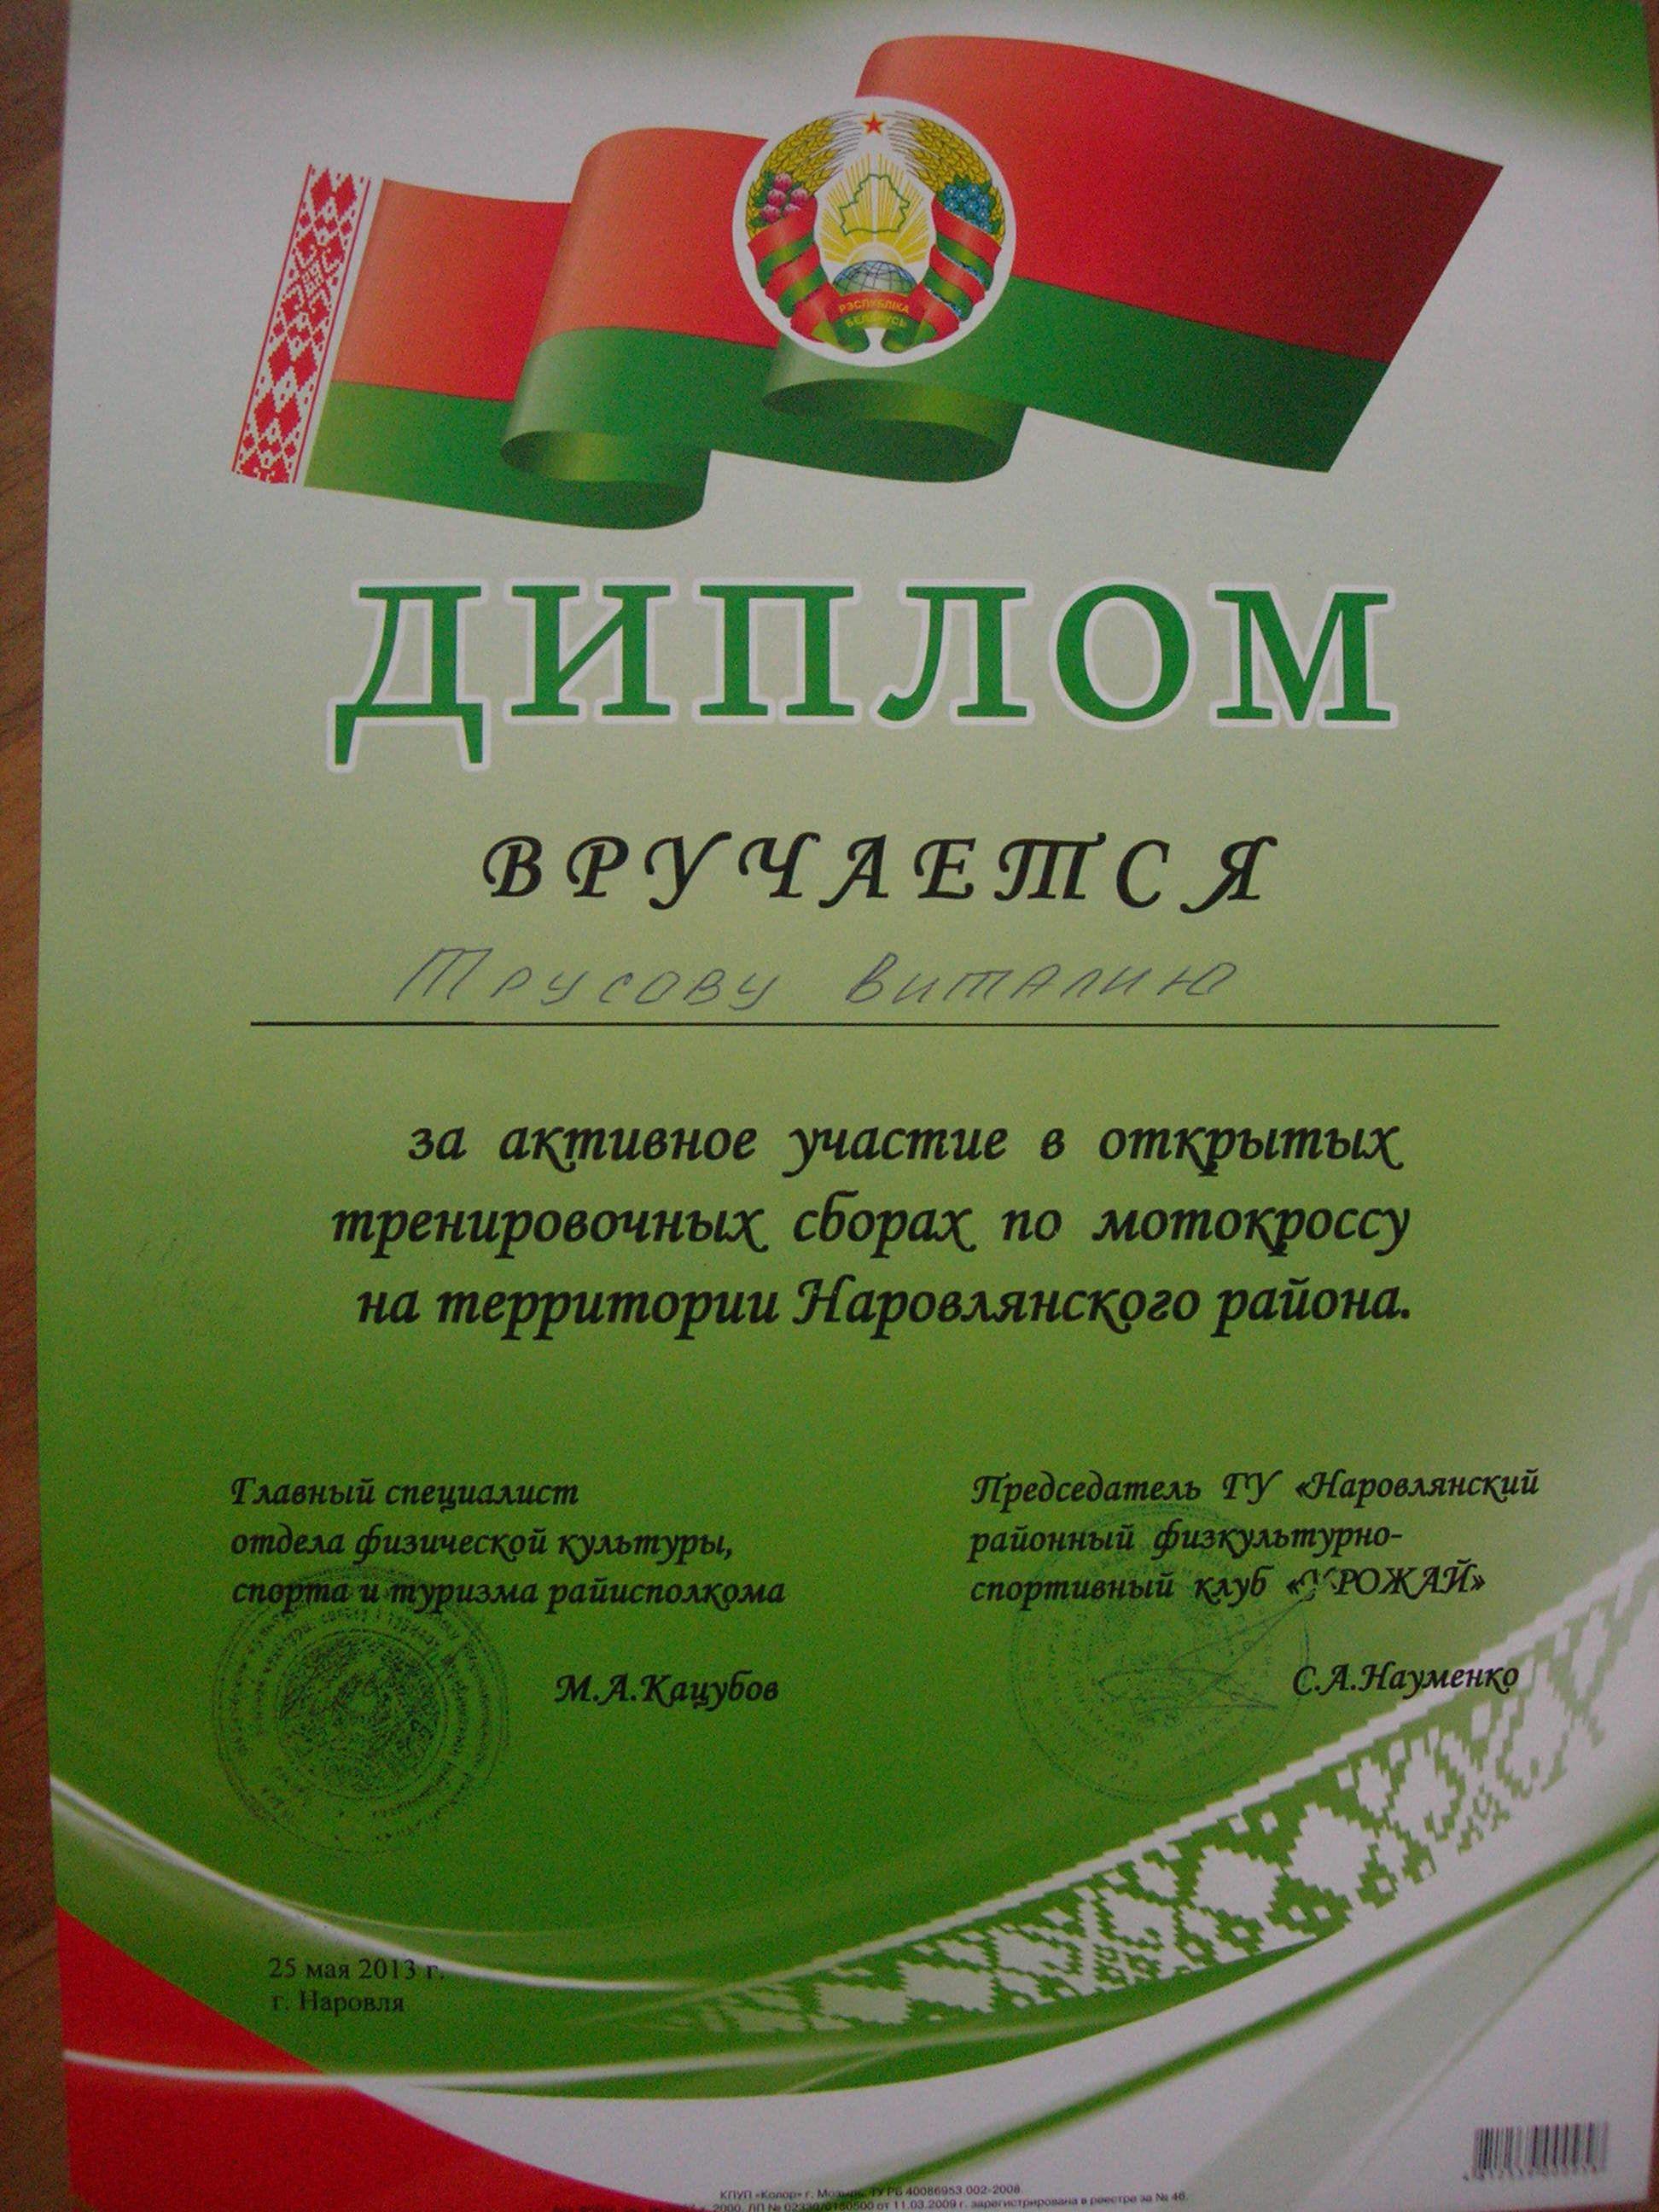 pre_1380571548__25052013.jpg